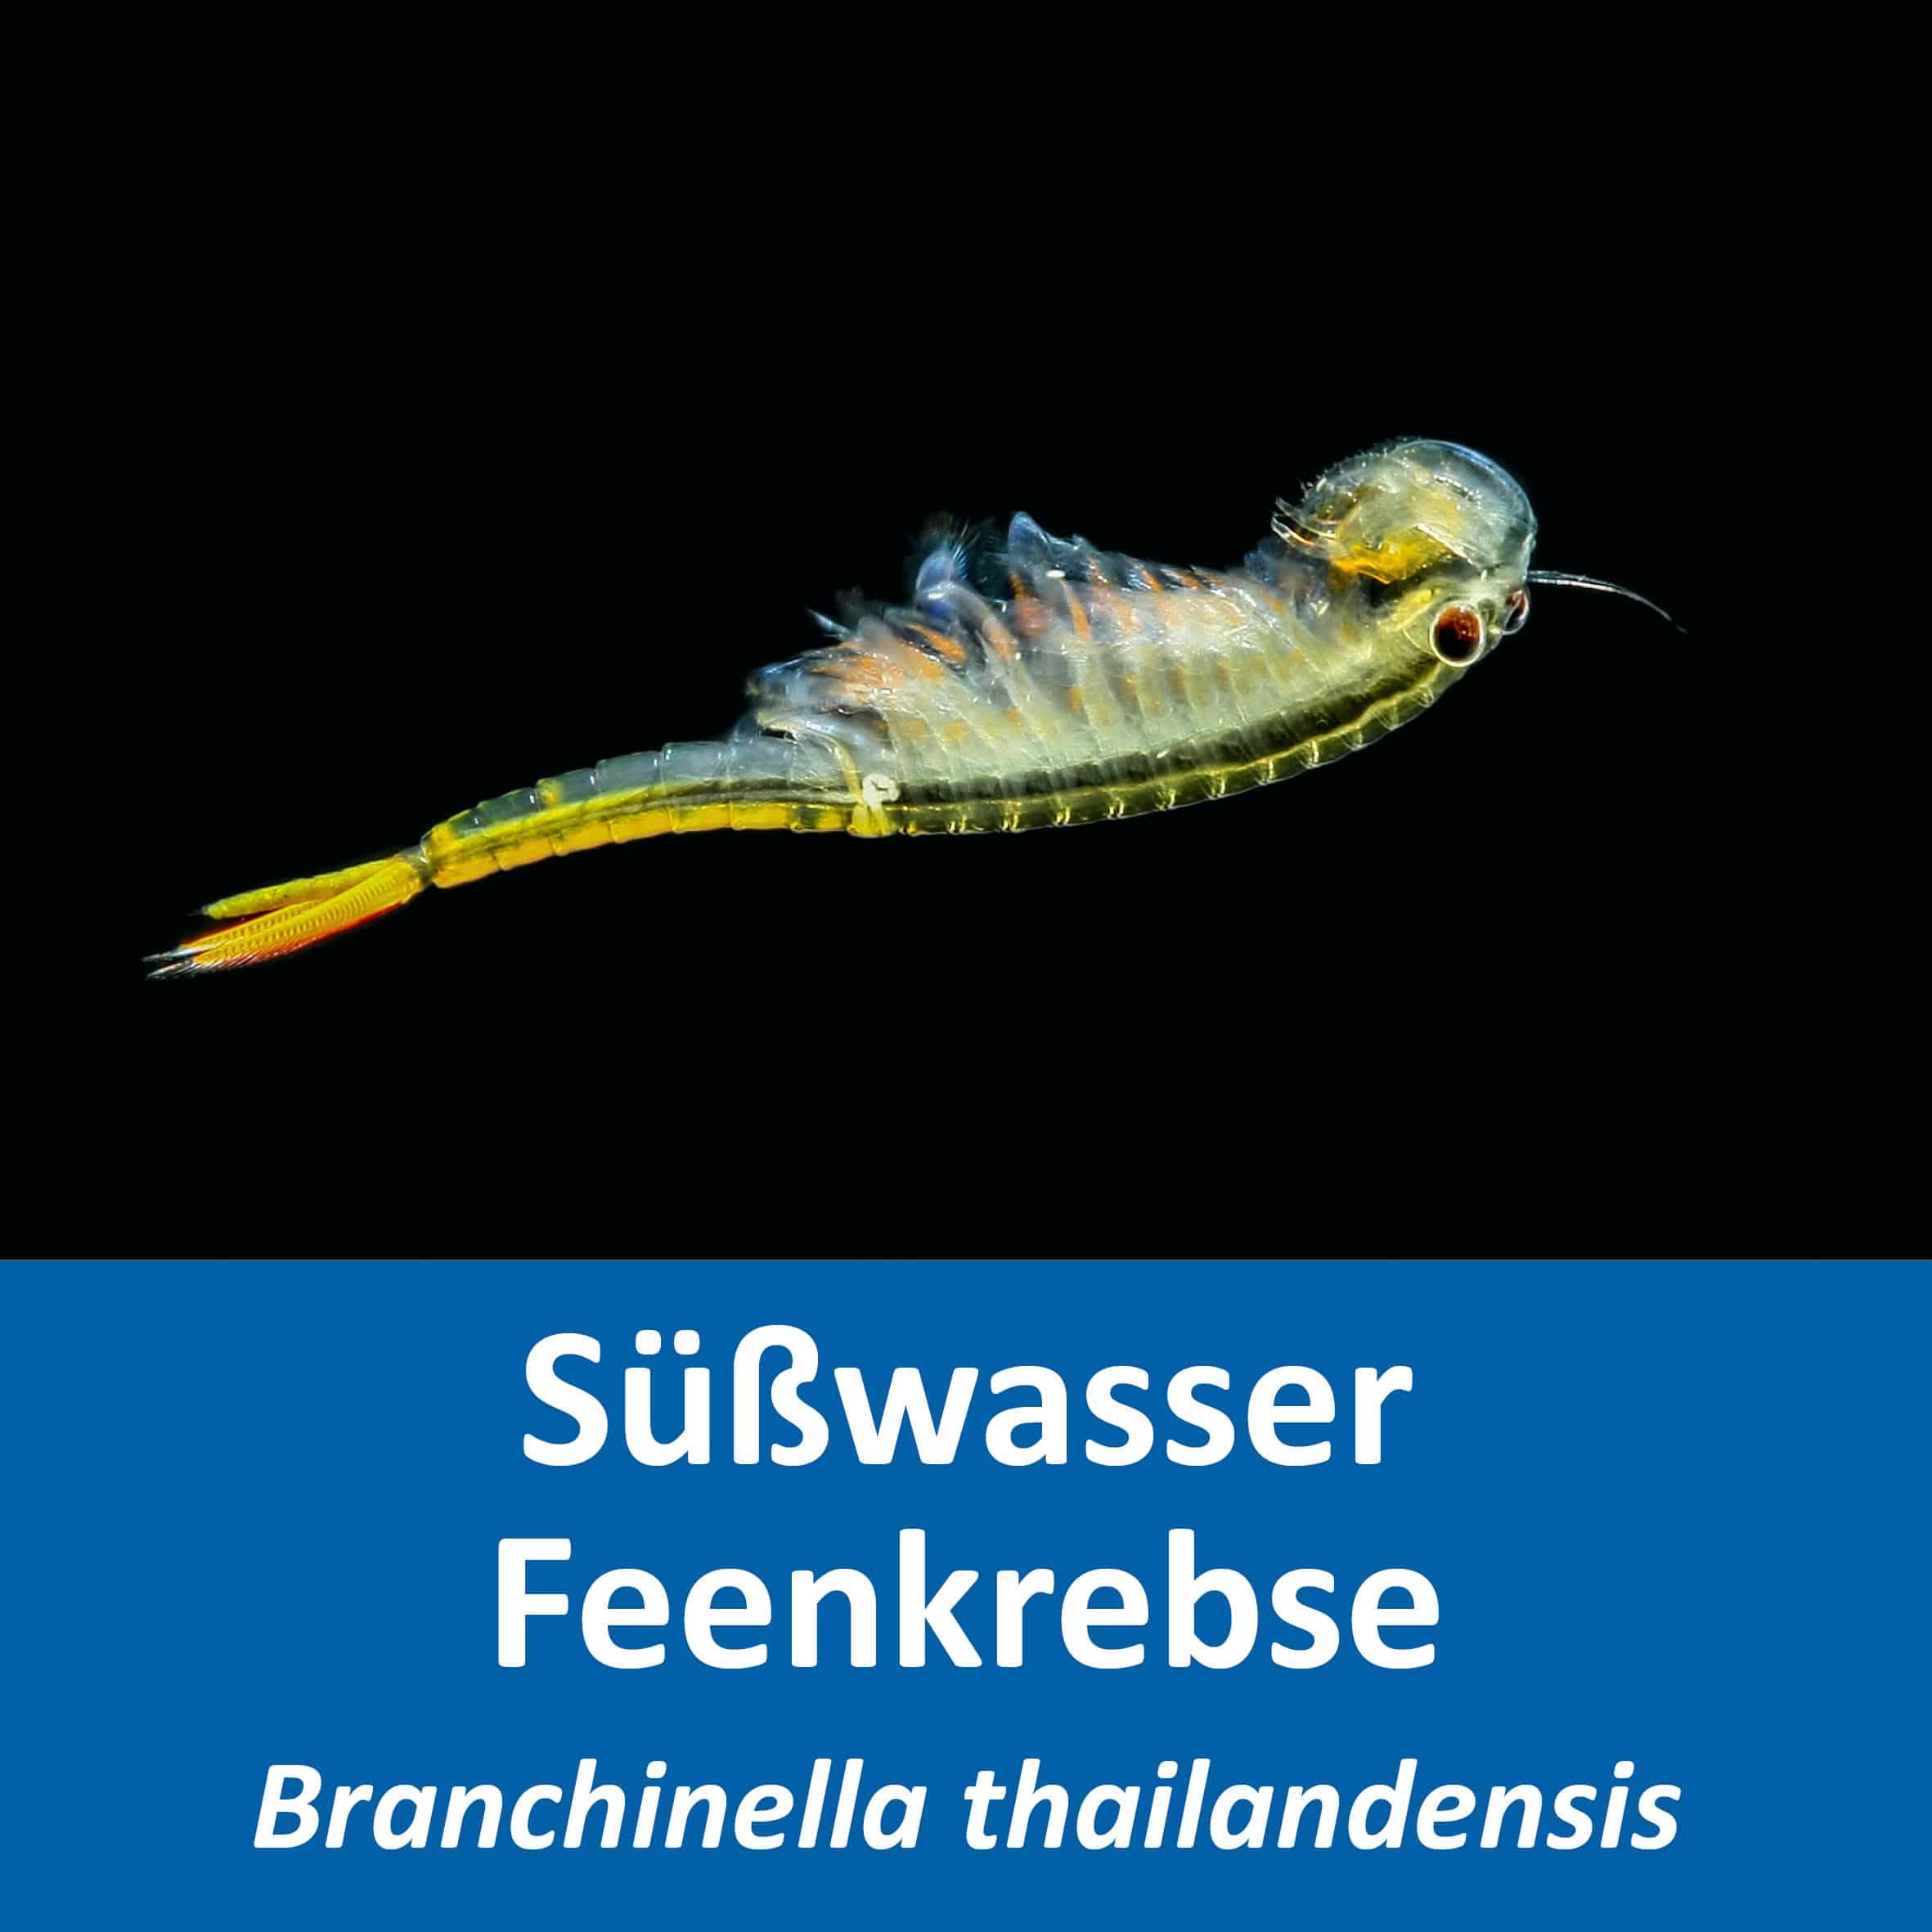 Branchinella thailandensis